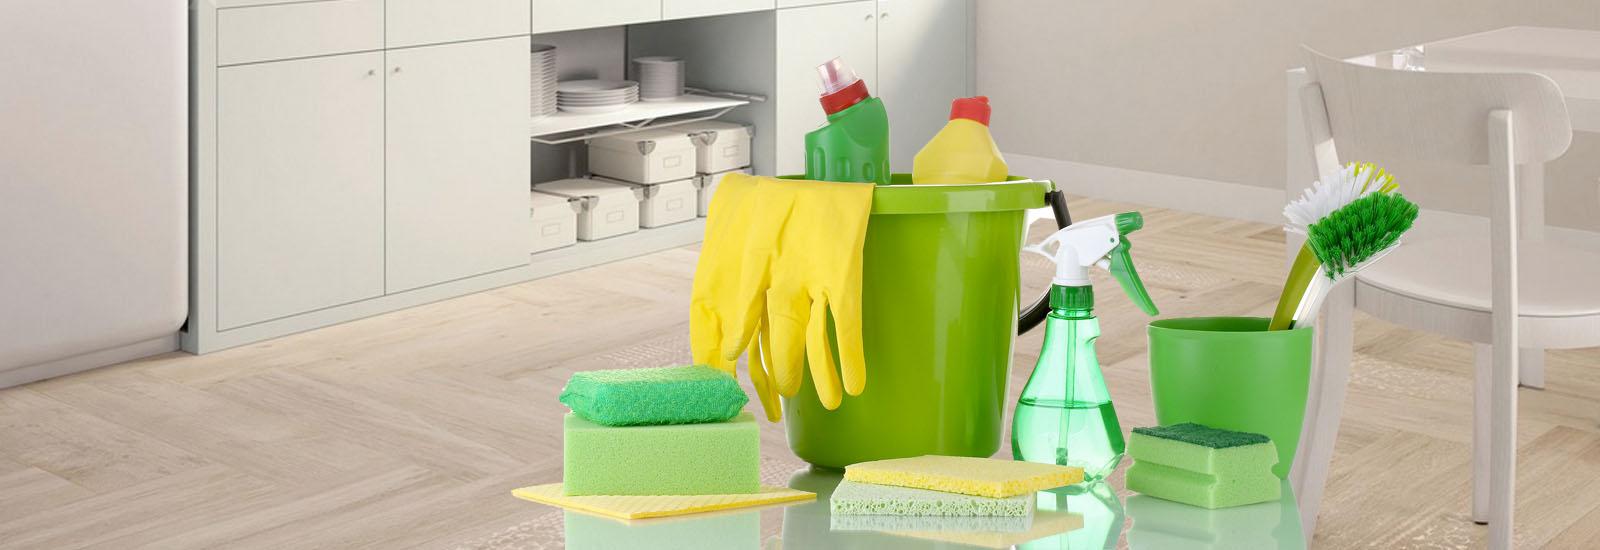 نظافتچی آقا یا خانم؟